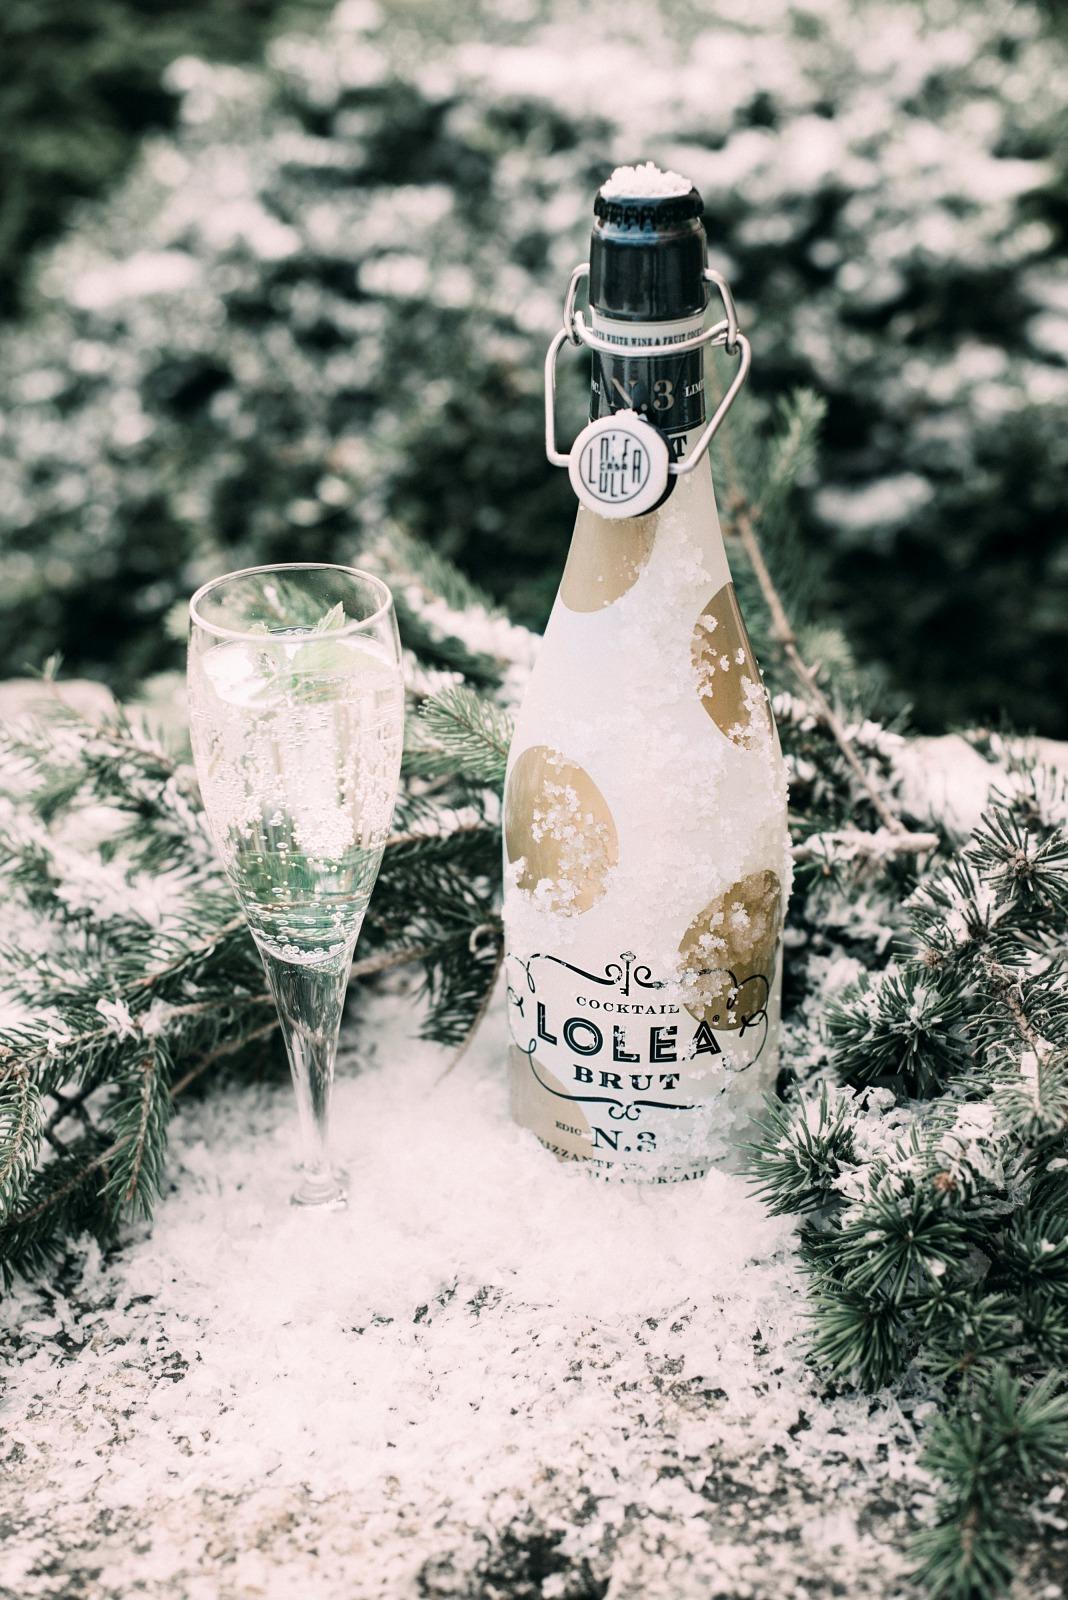 Lolea-brut-winter-sangria-snow-1